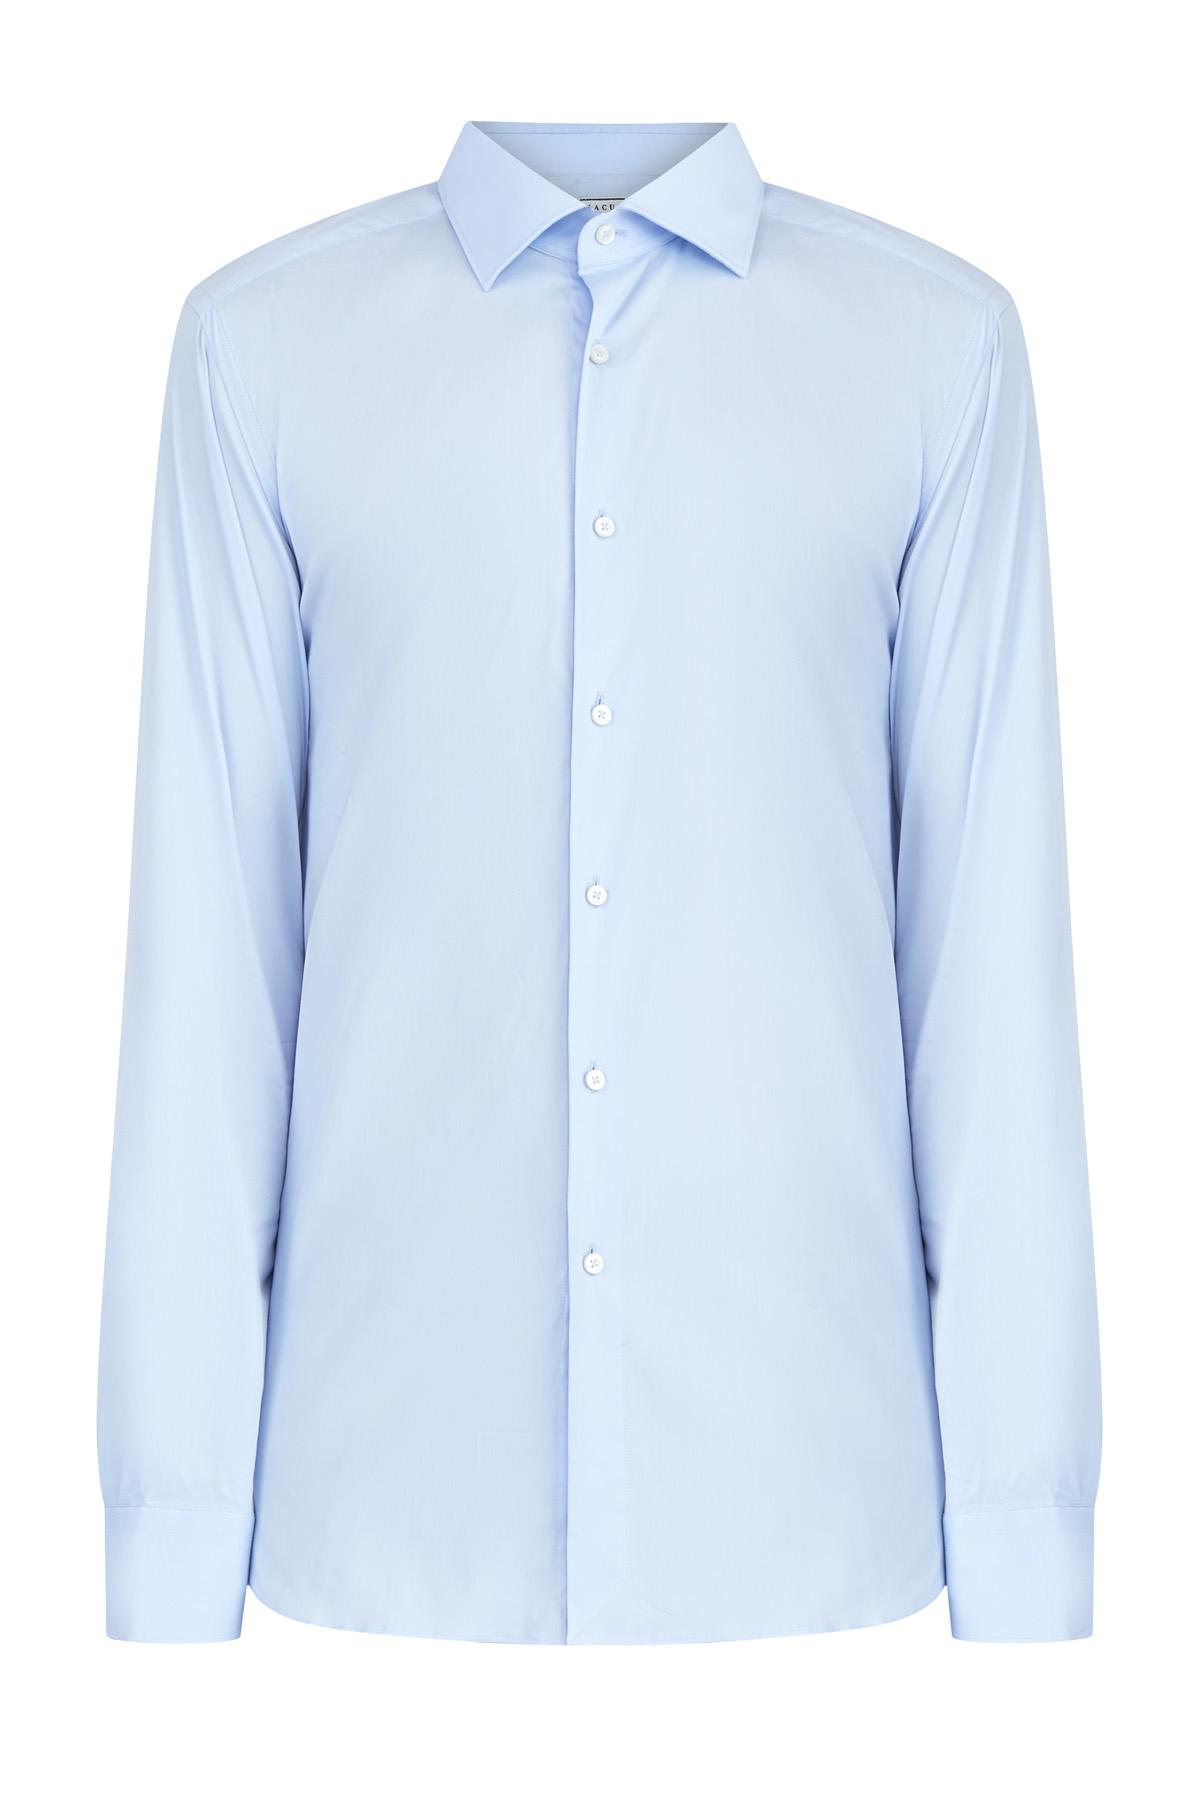 Классическая рубашка силуэта Tailor Fit из эластичного поплина